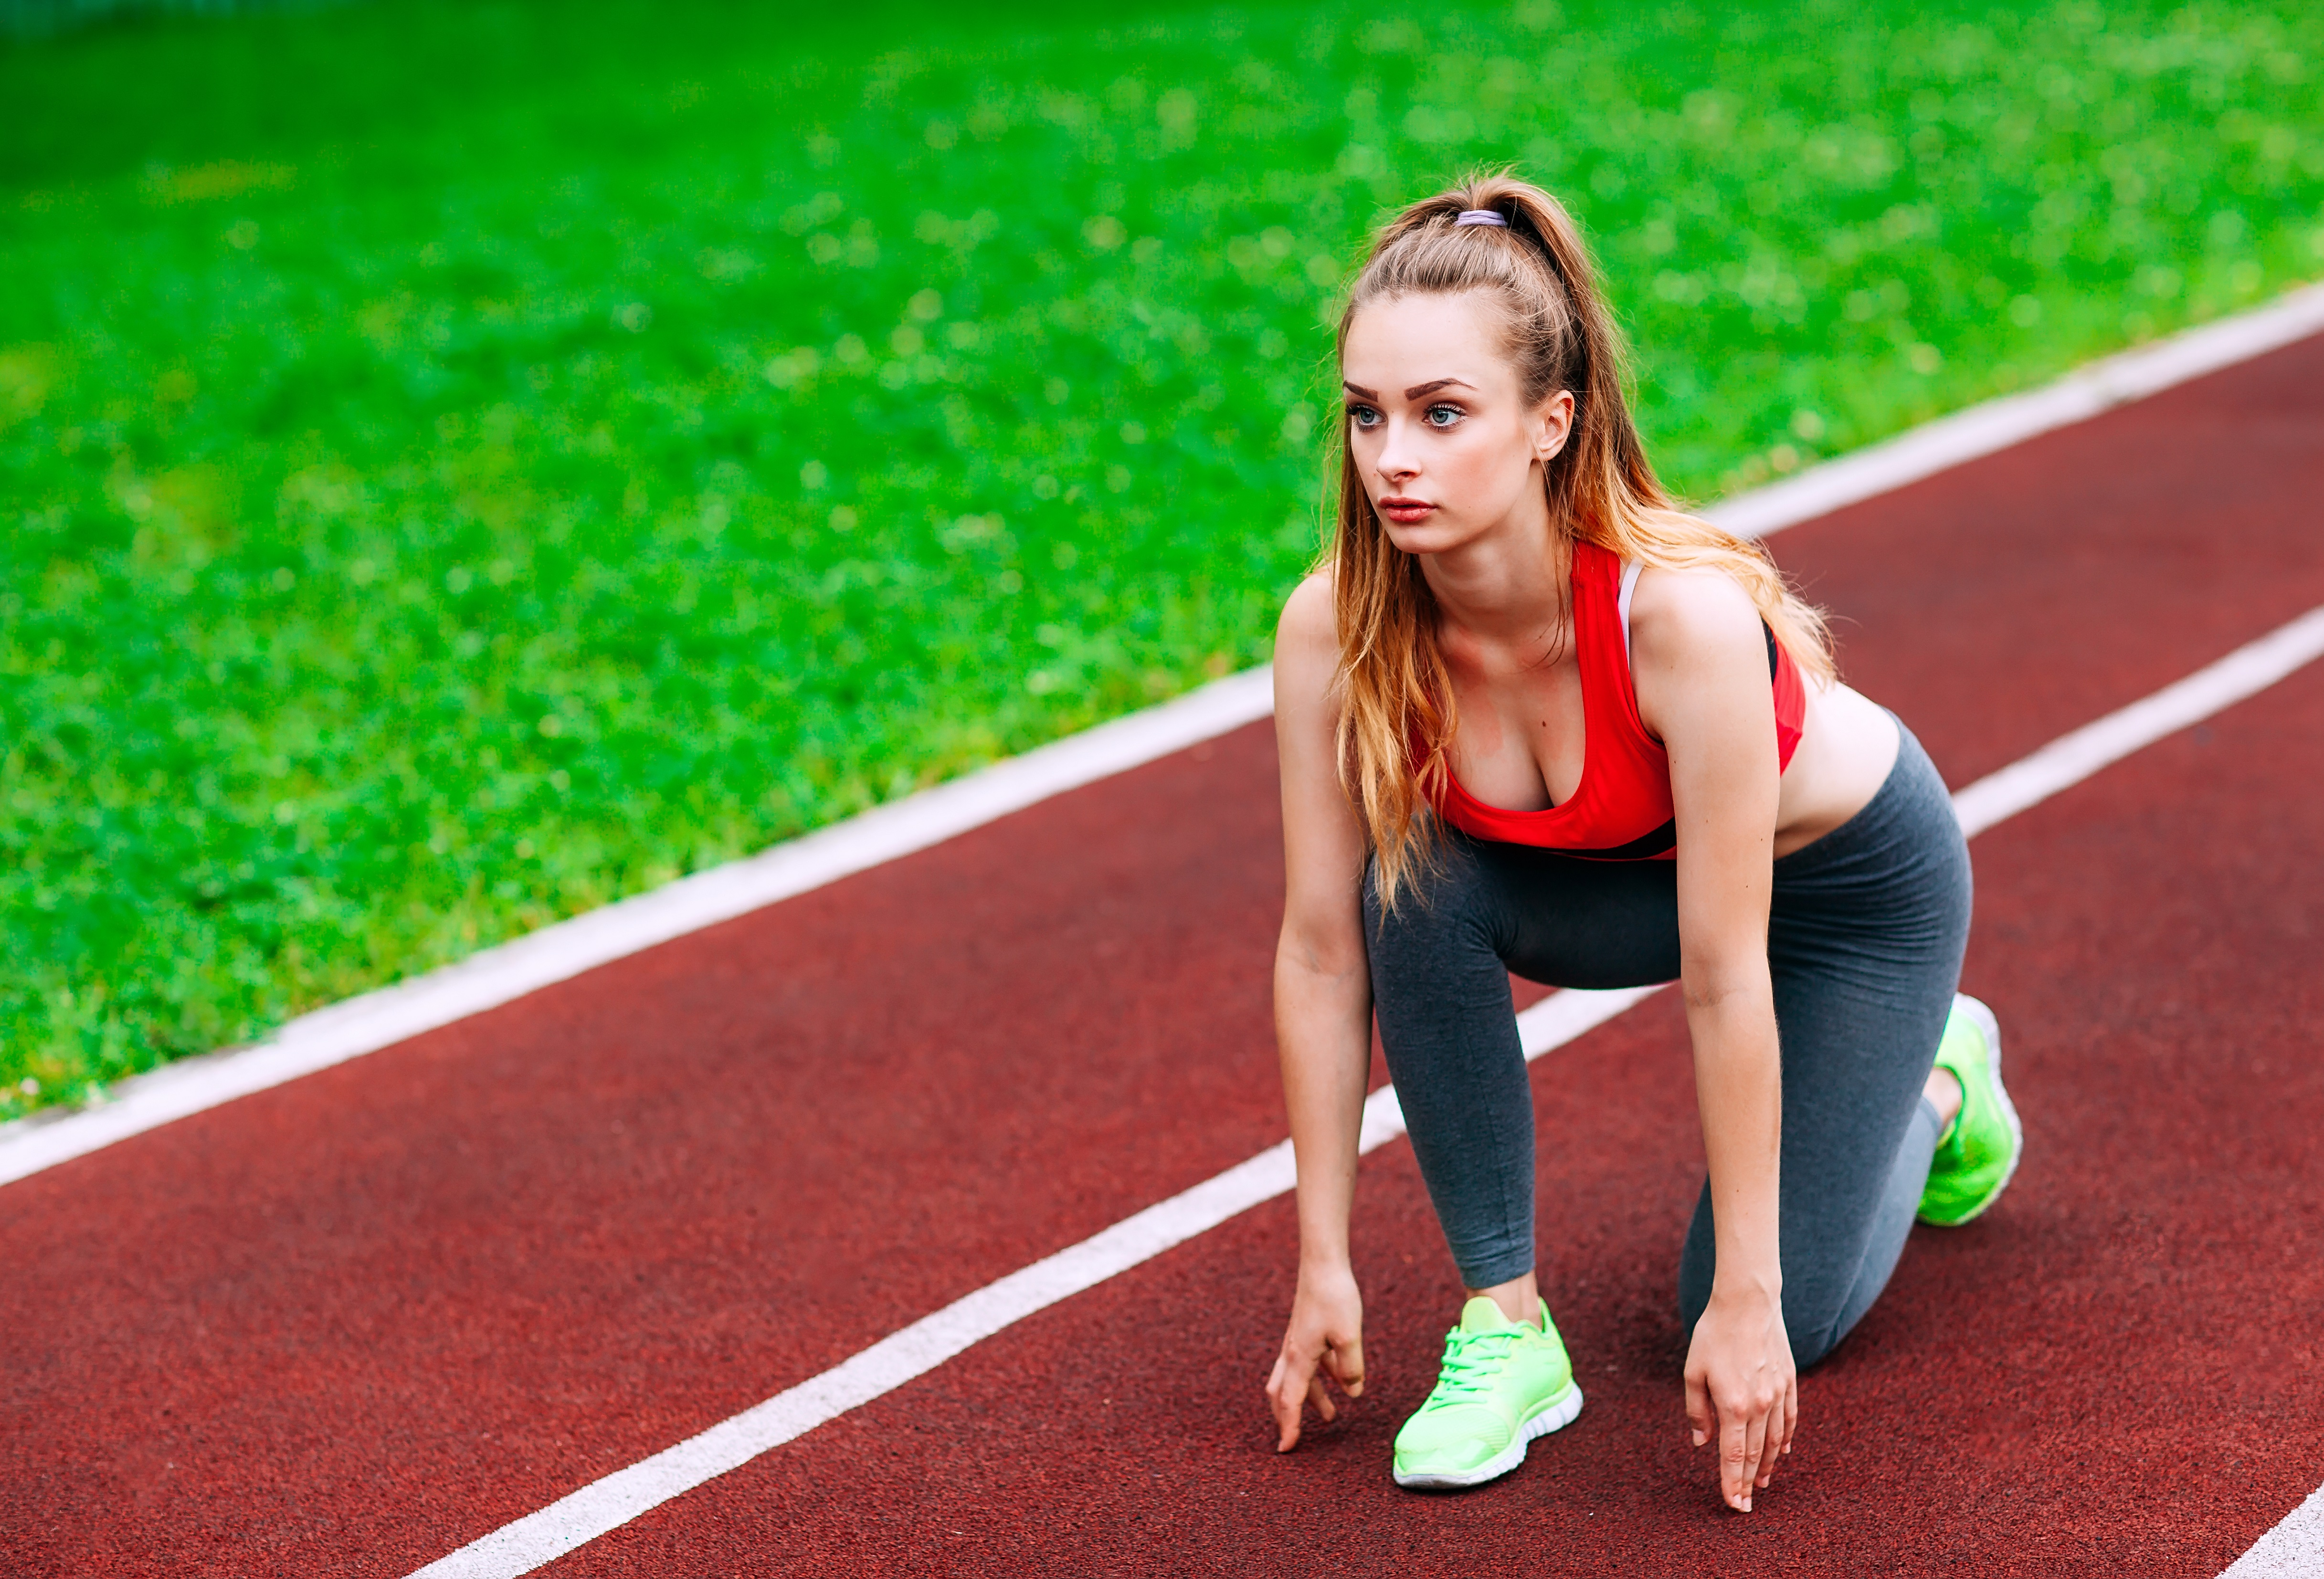 Позы для удачной фотографии спортсмена